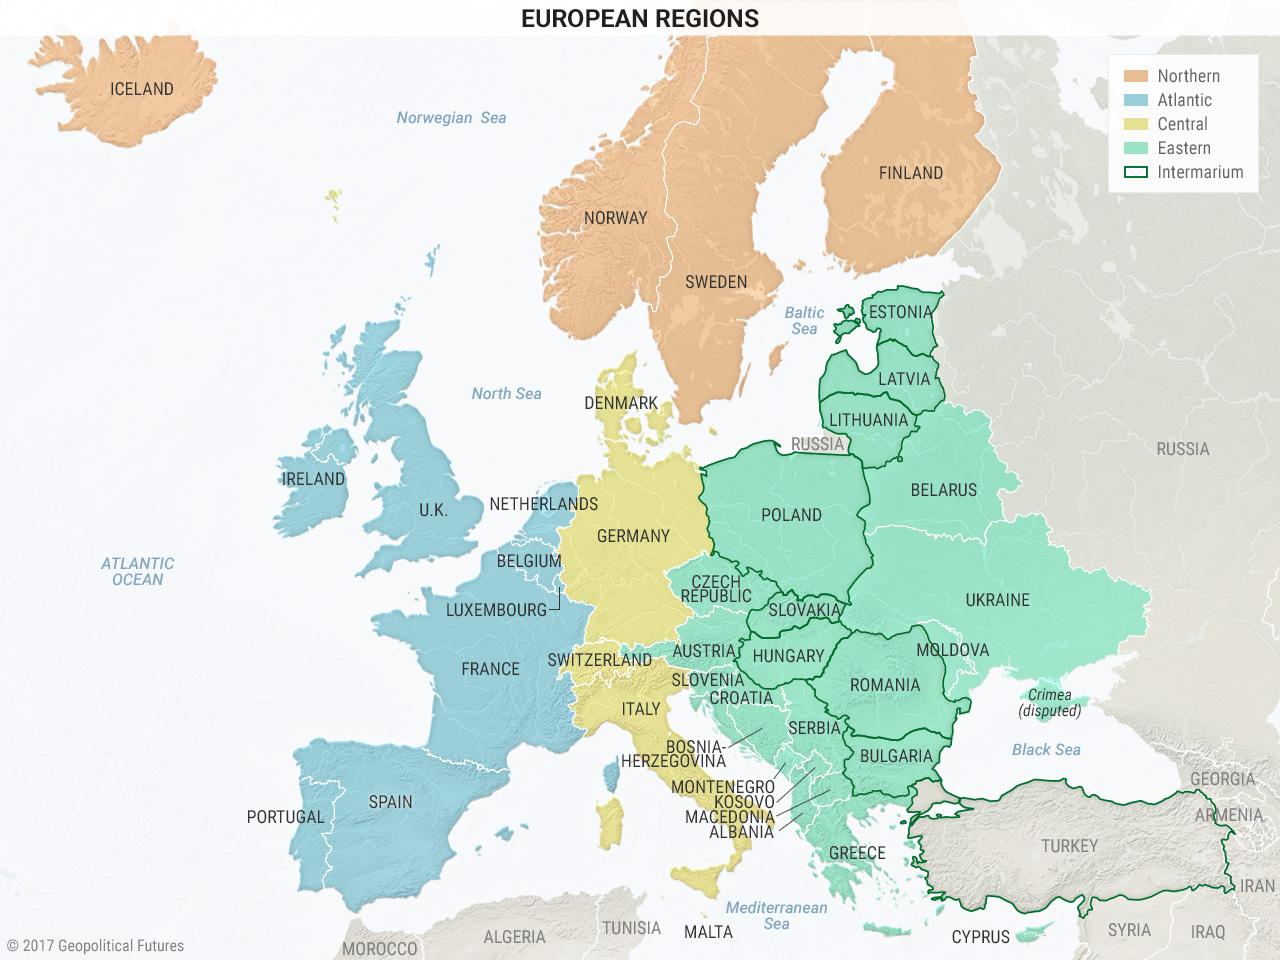 europe-regions-intermarium